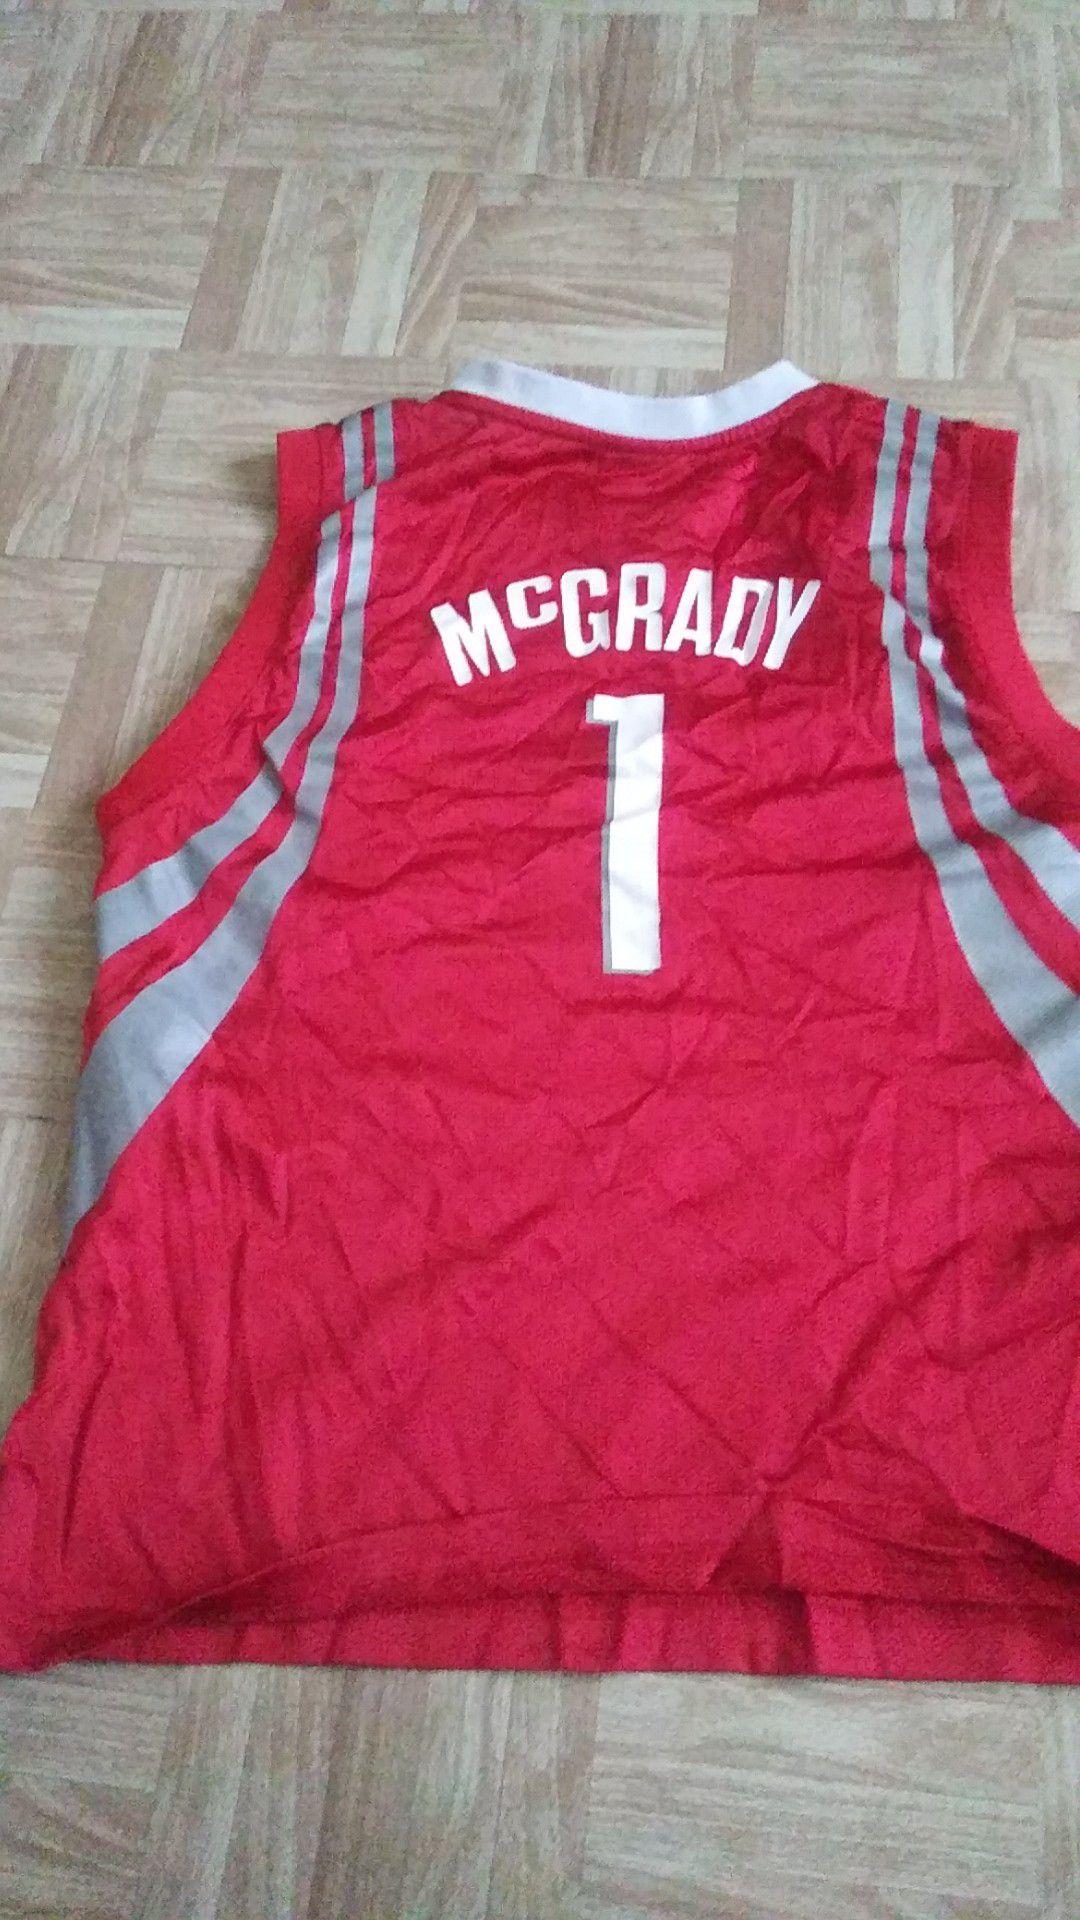 NBA REEBOK ROCKETS MCGRADY JERSEY